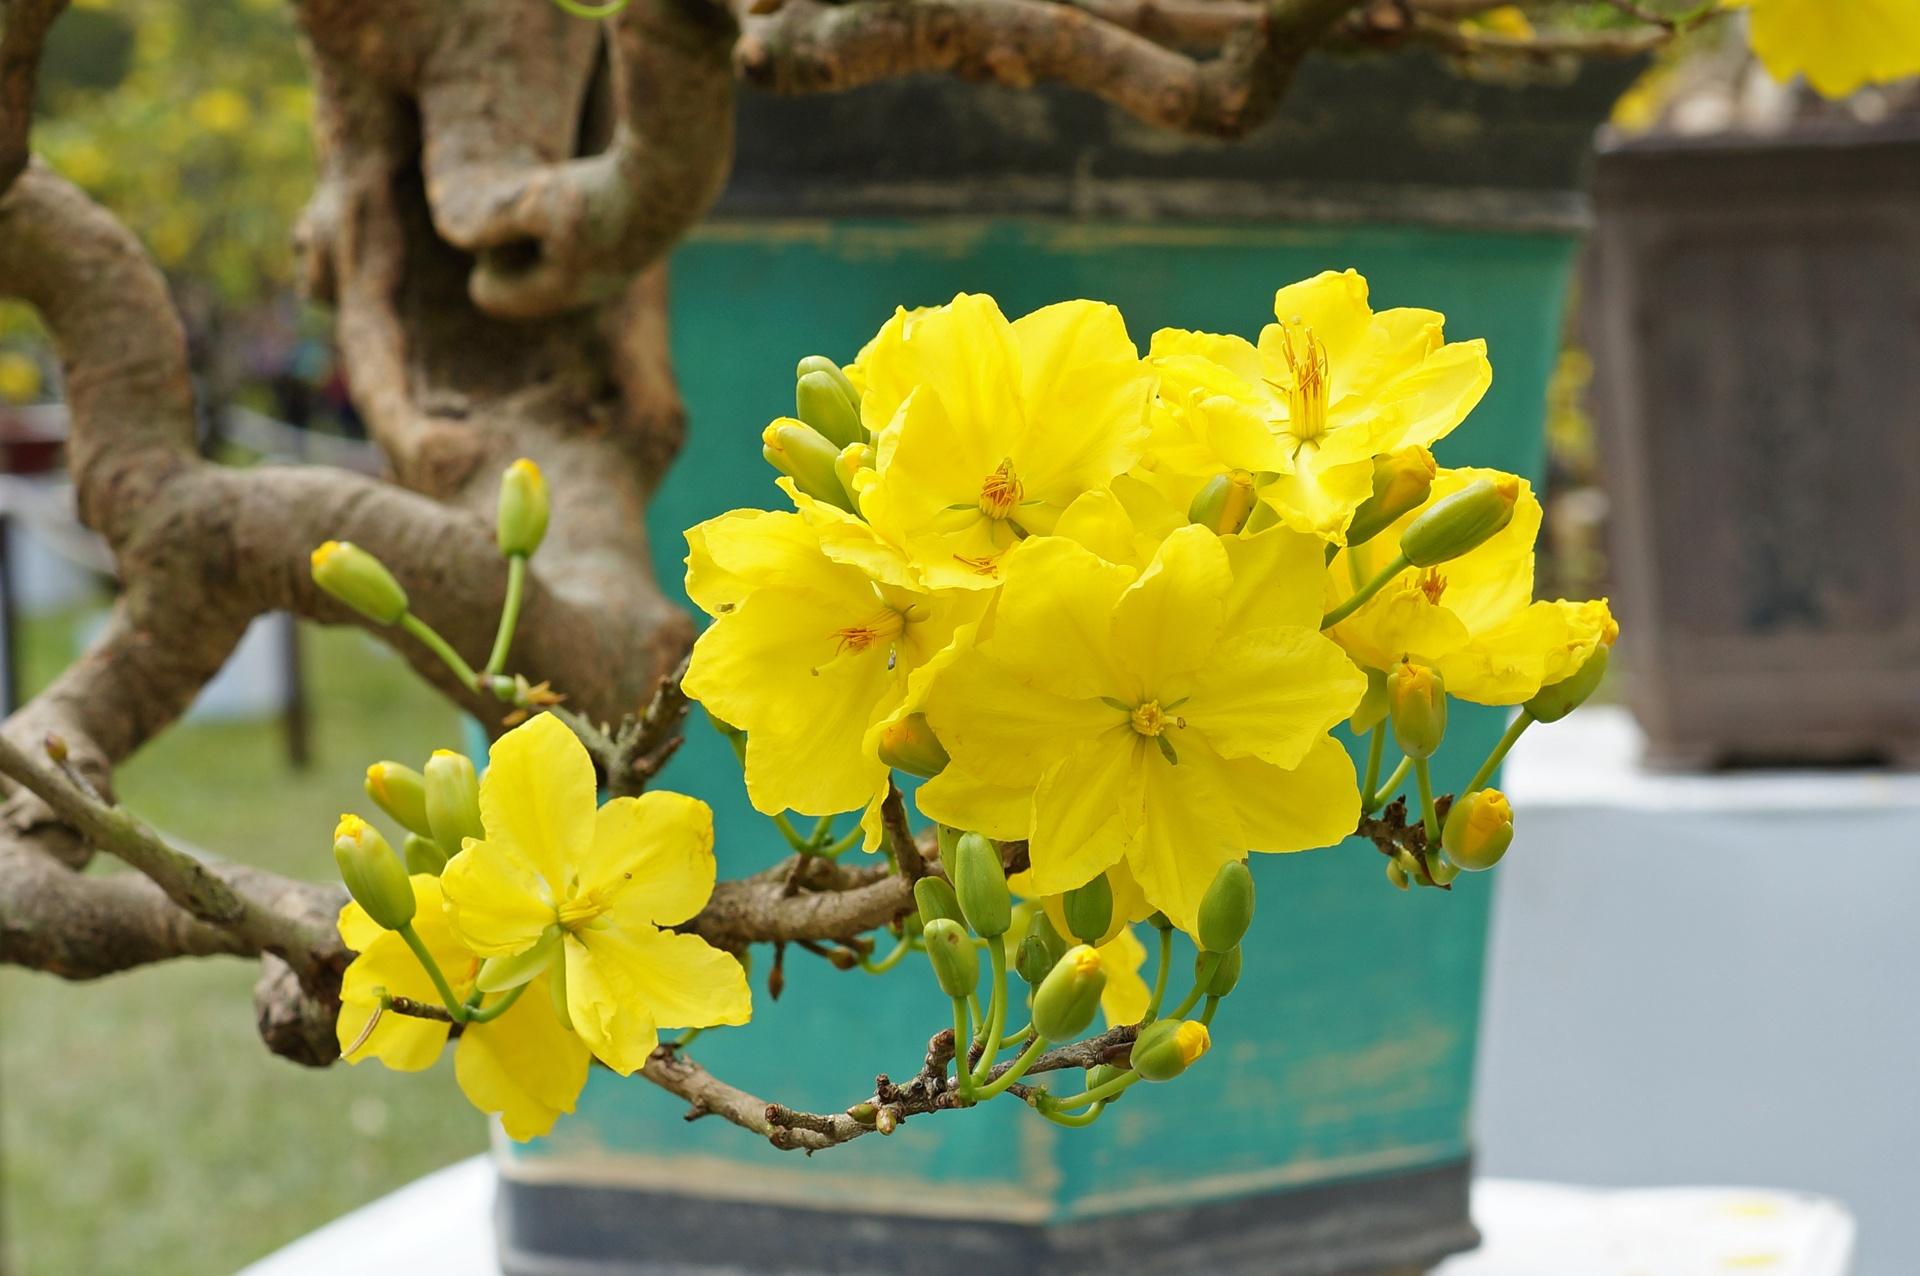 hình nền hoa mai vàng